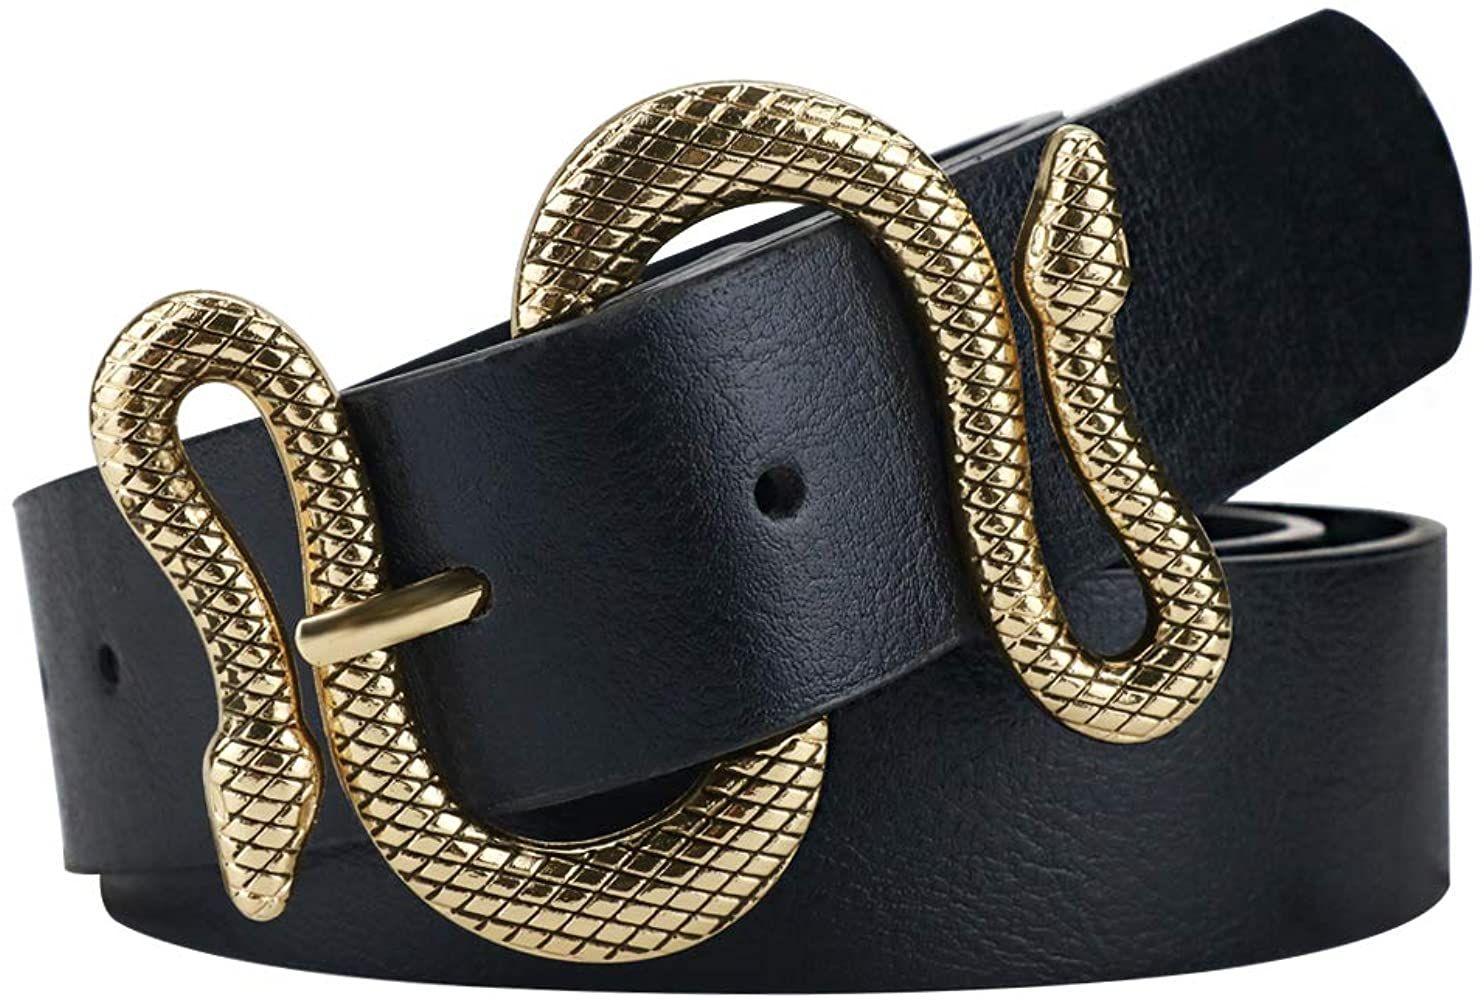 Belts for Women, Vintage Womens Belts for Dresses, Studded Black